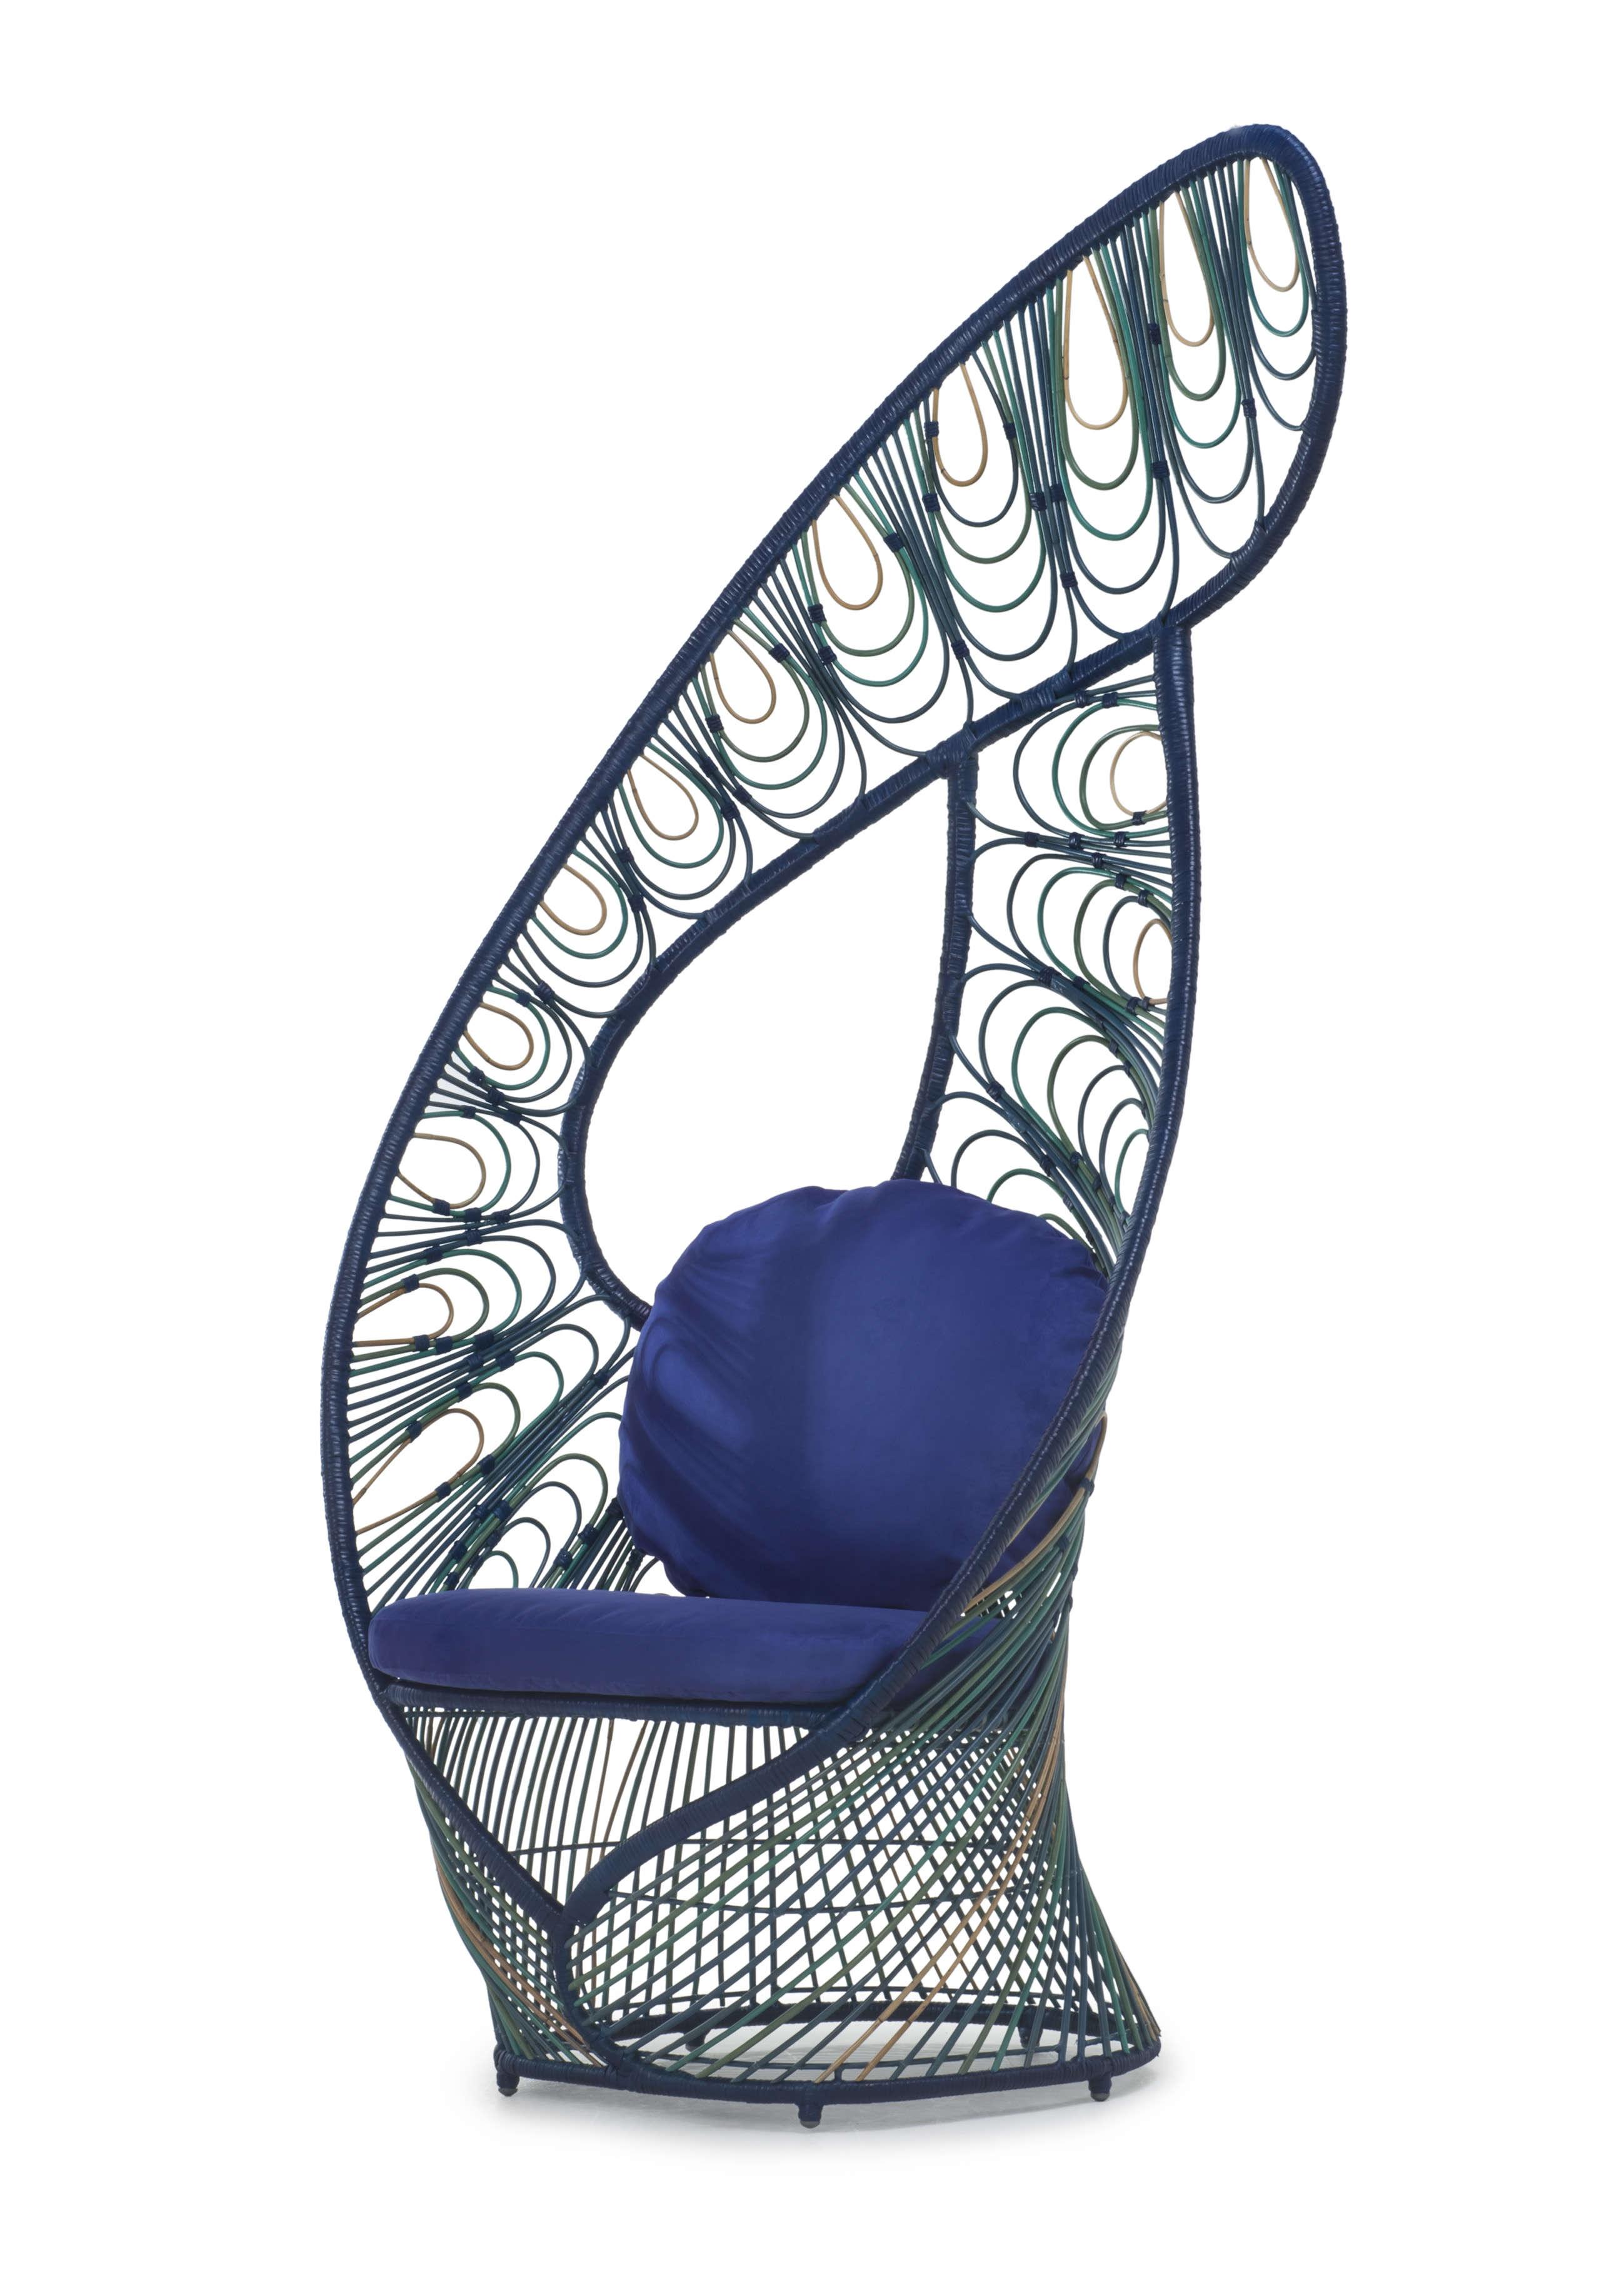 Ce fauteuil enveloppant Peacock a l'allure et les couleurs du paon, selon le Philippin Kenneth Cobonpue.